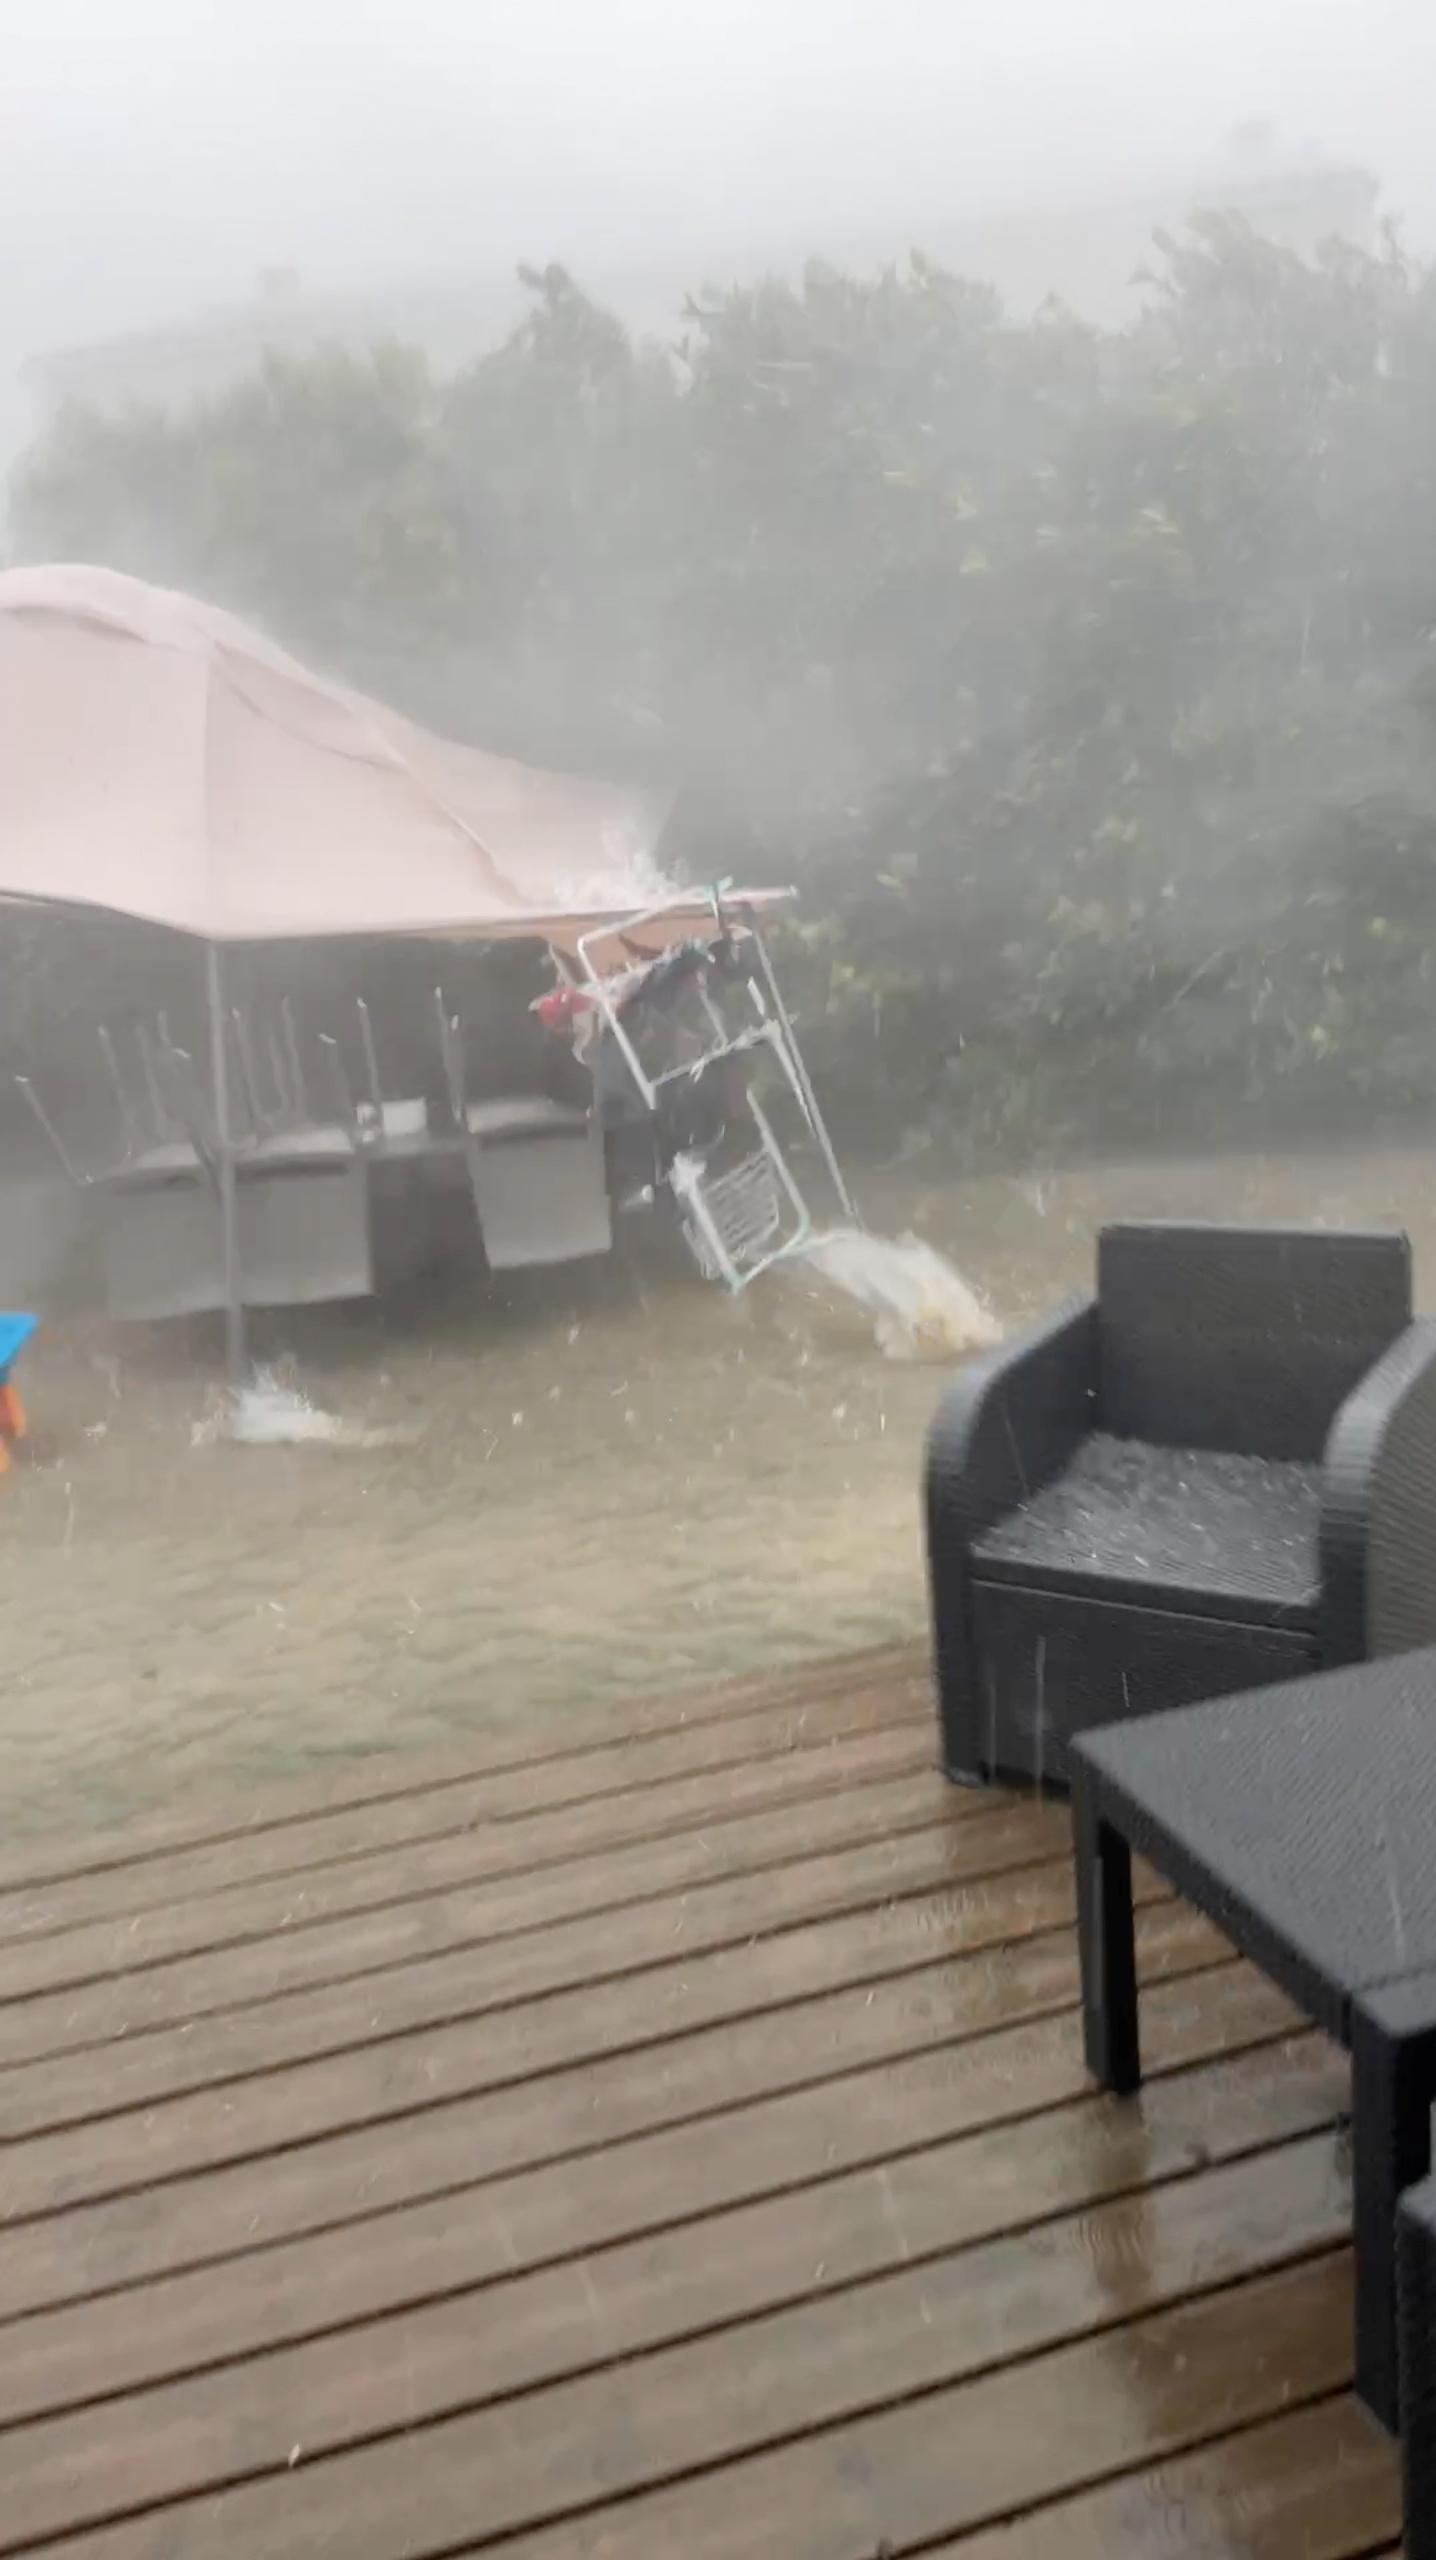 ქარი, სეტყვა და წვიმა უბერავს როდილჰანში, გარდში, საფრანგეთი, 14 წლის 2021 სექტემბერი, ამ ეკრანის სურათზე, რომელიც მოპოვებულია სოციალური მედიის ვიდეოდან. @YLONA91/REUTERS- ის საშუალებით